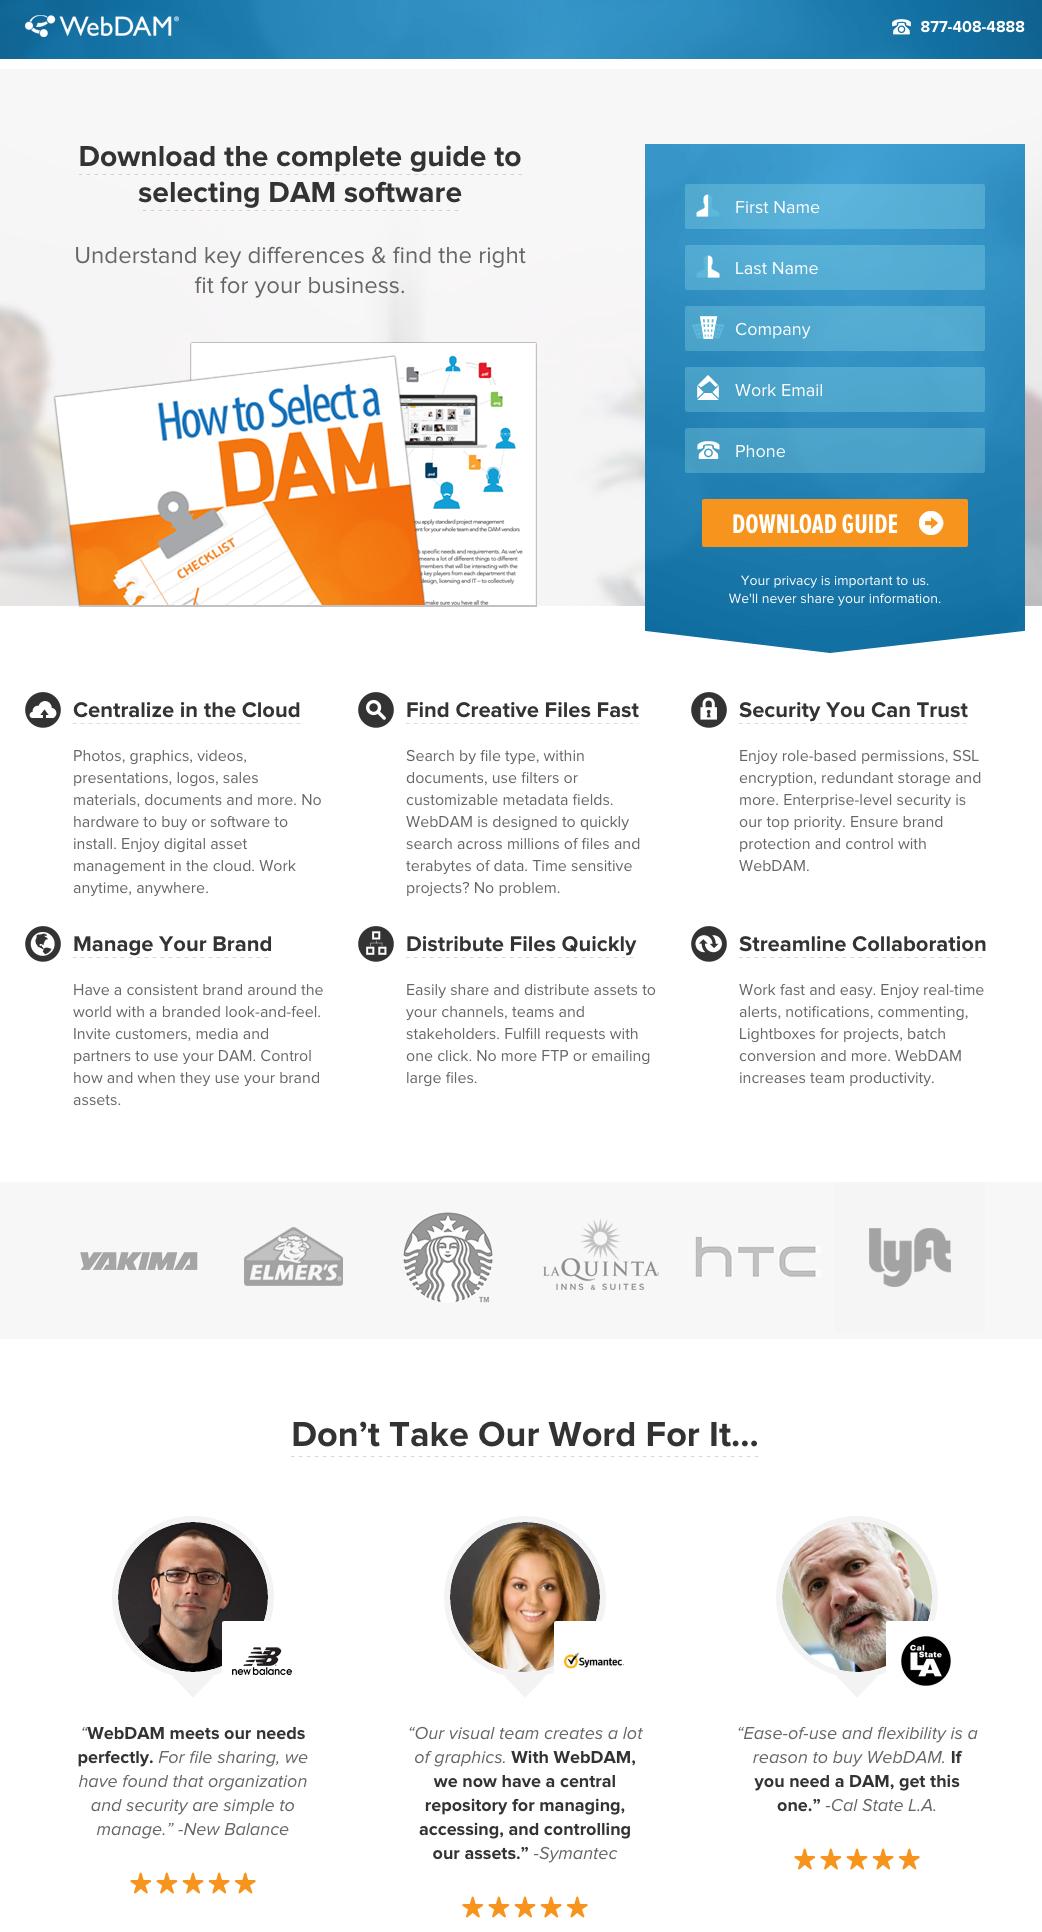 webdam landing page esempio